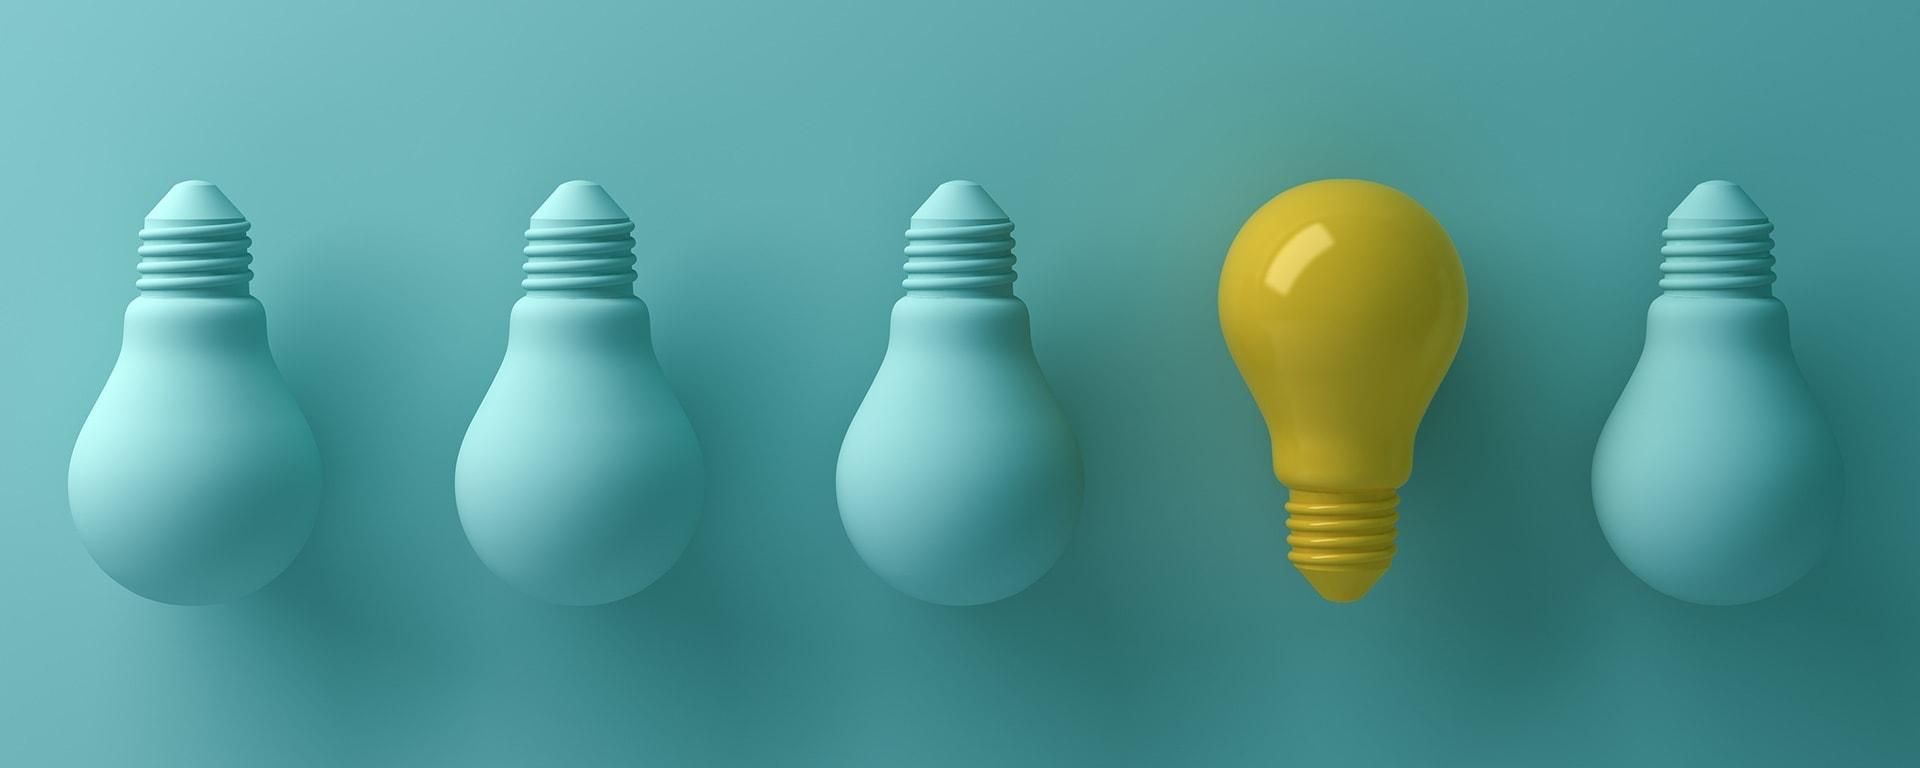 Initiative BPM - ampoules idée